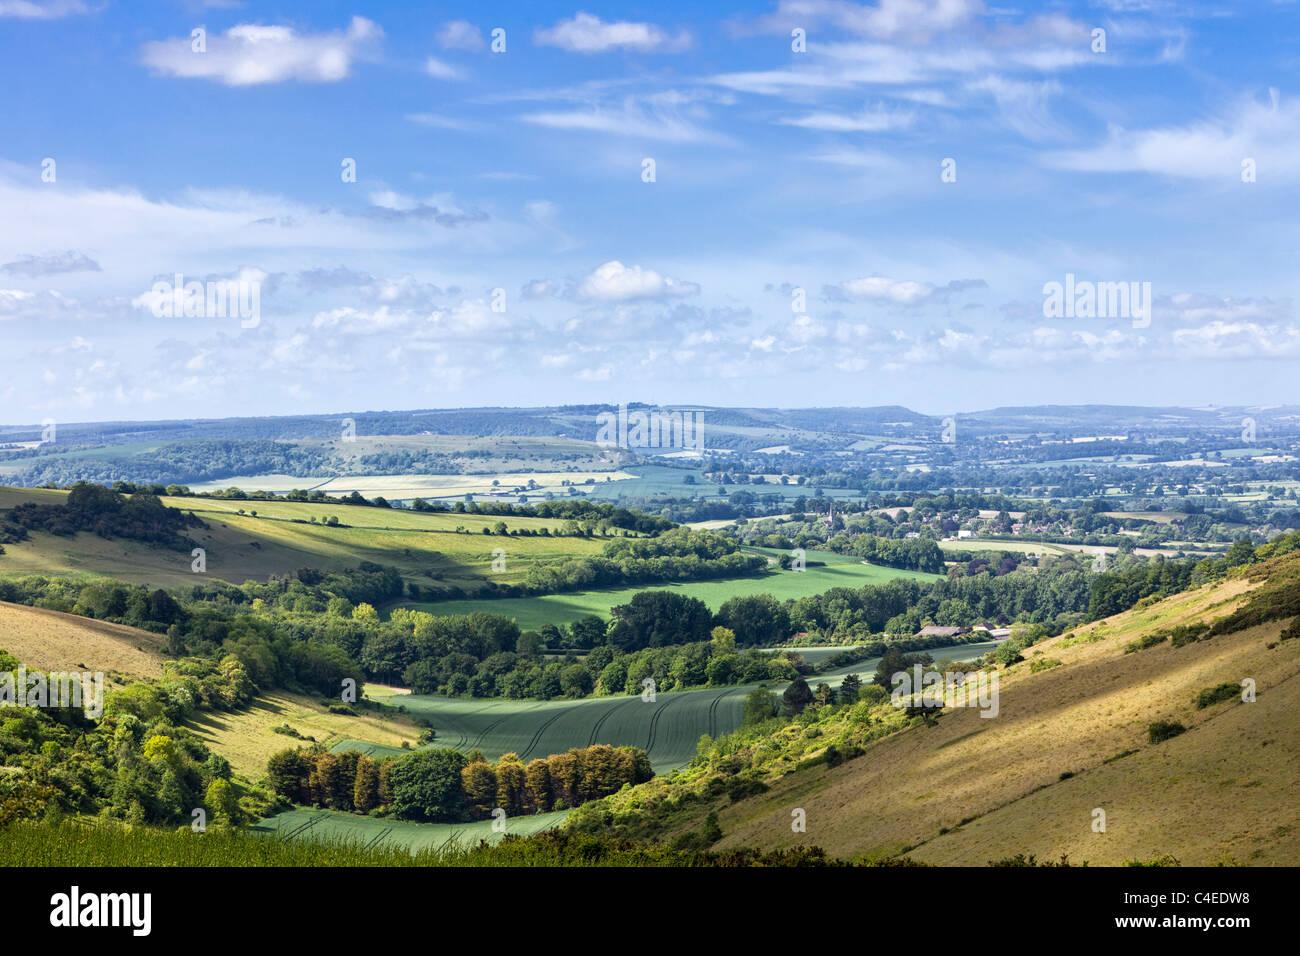 Campagna inglese e vista delle colline di campagna inglese, Dorset, England, Regno Unito Immagini Stock